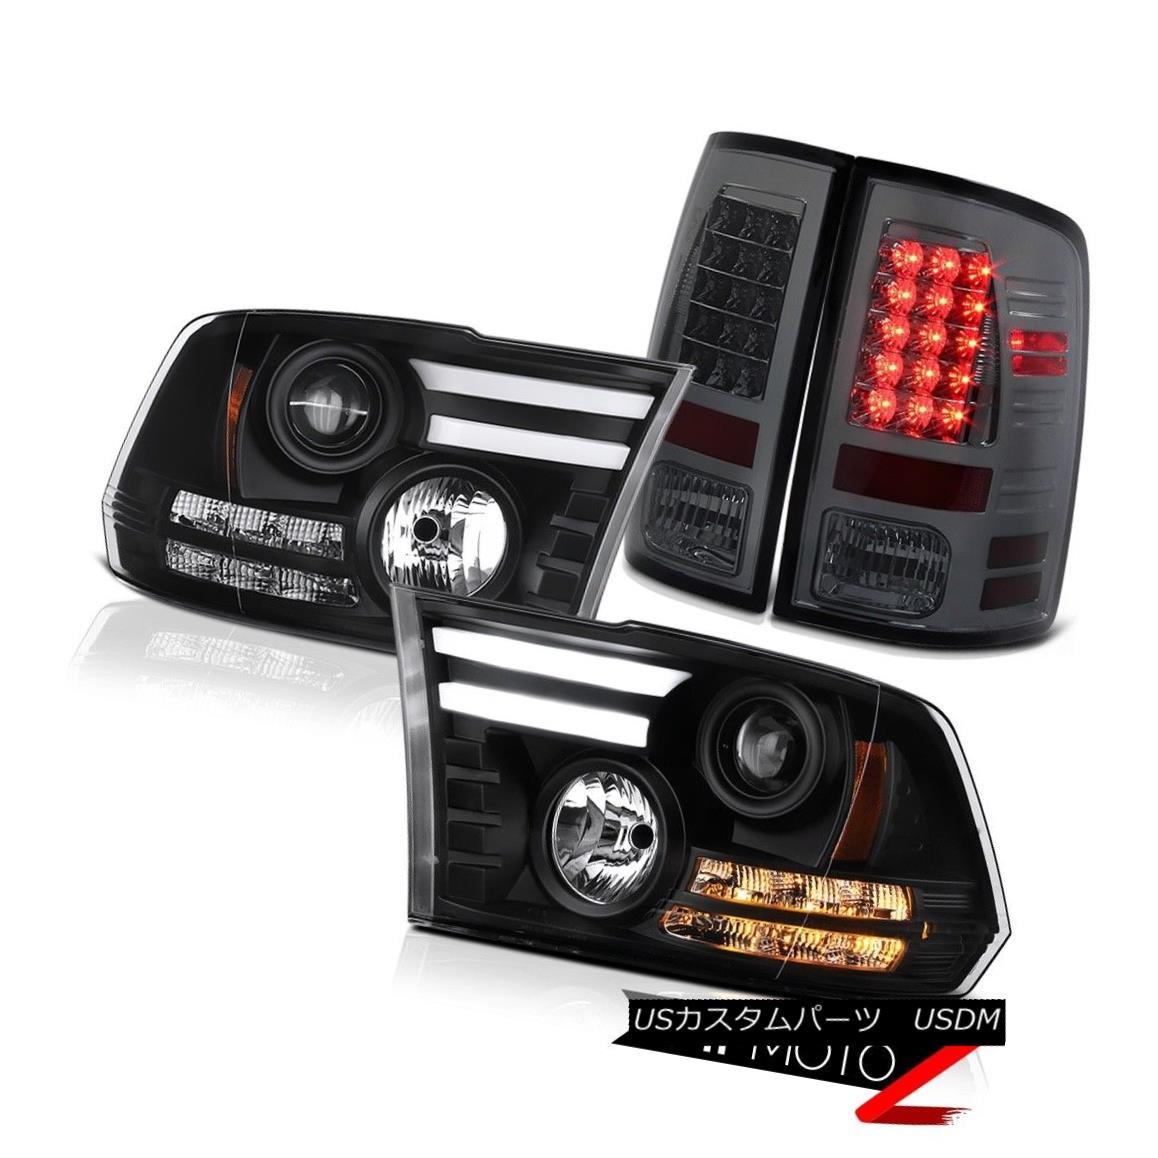 テールライト 09-18 Ram 1500 2500 3500 3.0L Phantom smoke taillamps nighthawk black headlamps 09-18 Ram 1500 2500 3500 3.0Lファントム・スモーク・テールライト・ナイトホーク・ブラック・ヘッドランプ画像